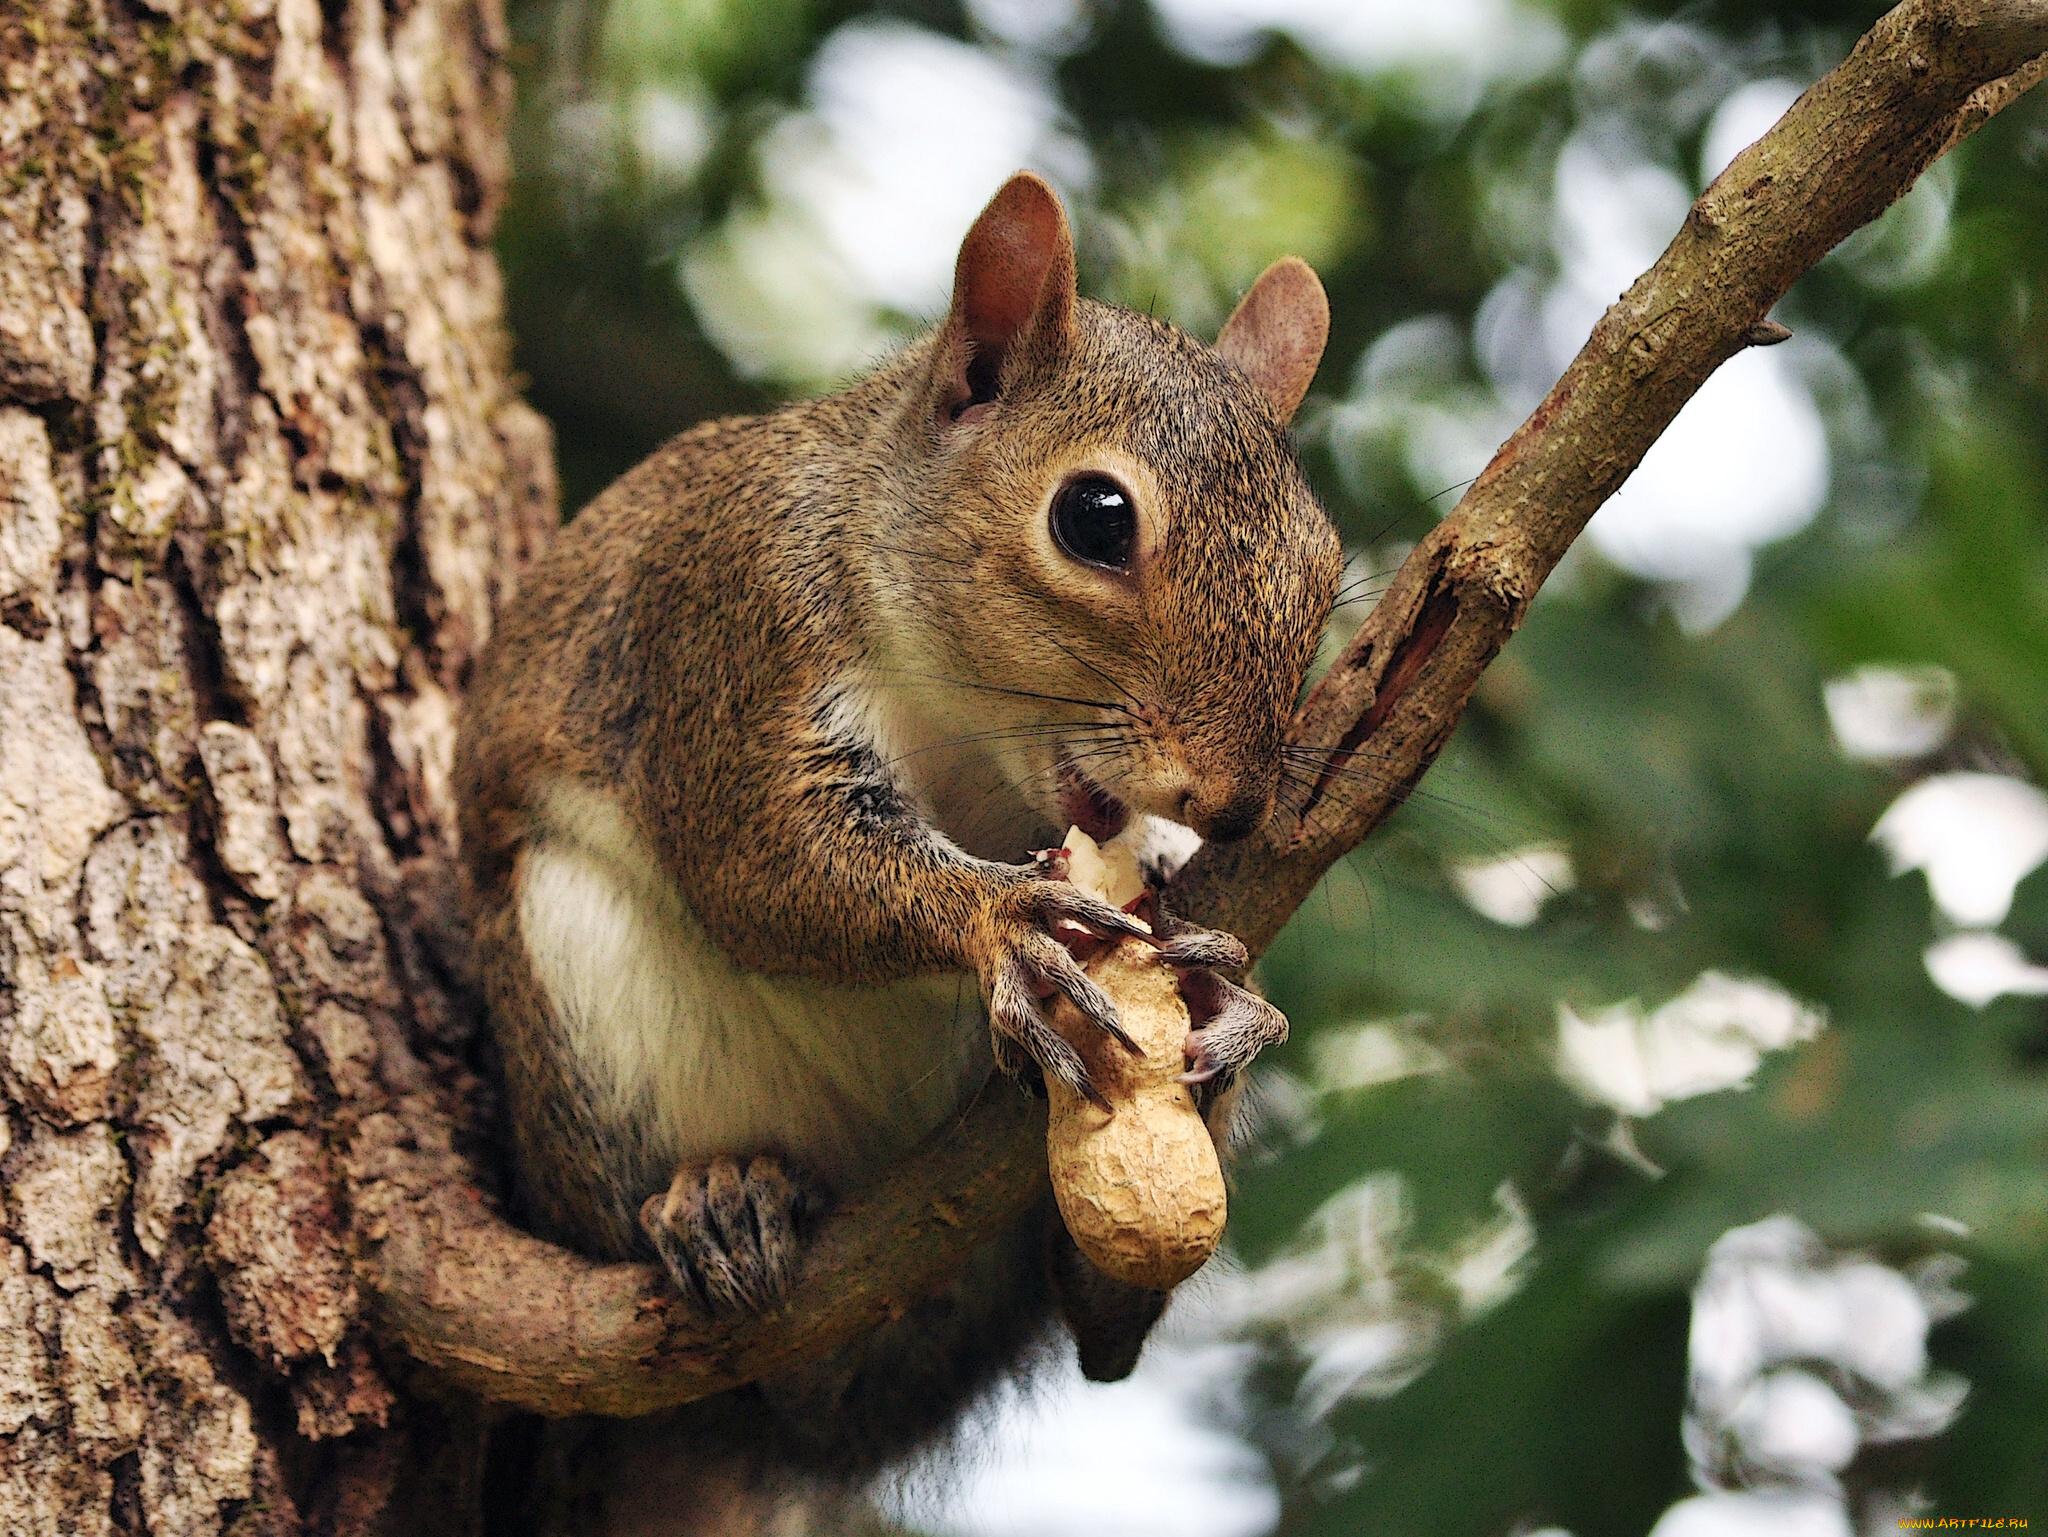 природа осень животное корзина семечки белка  № 2096046 без смс